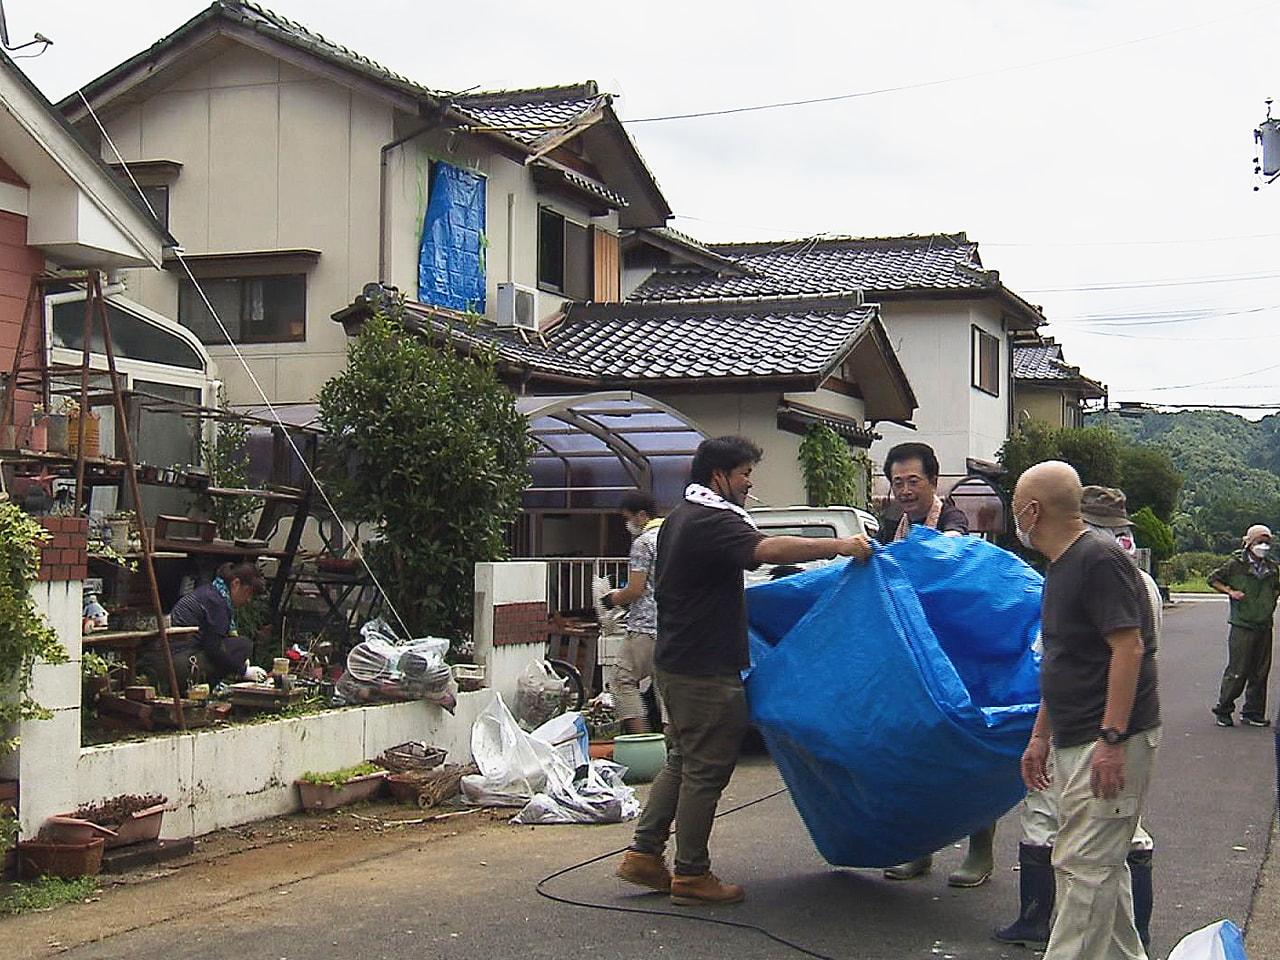 17日午後に竜巻とみられる突風で住宅などに被害がでた岐阜県加茂郡八百津町では18...